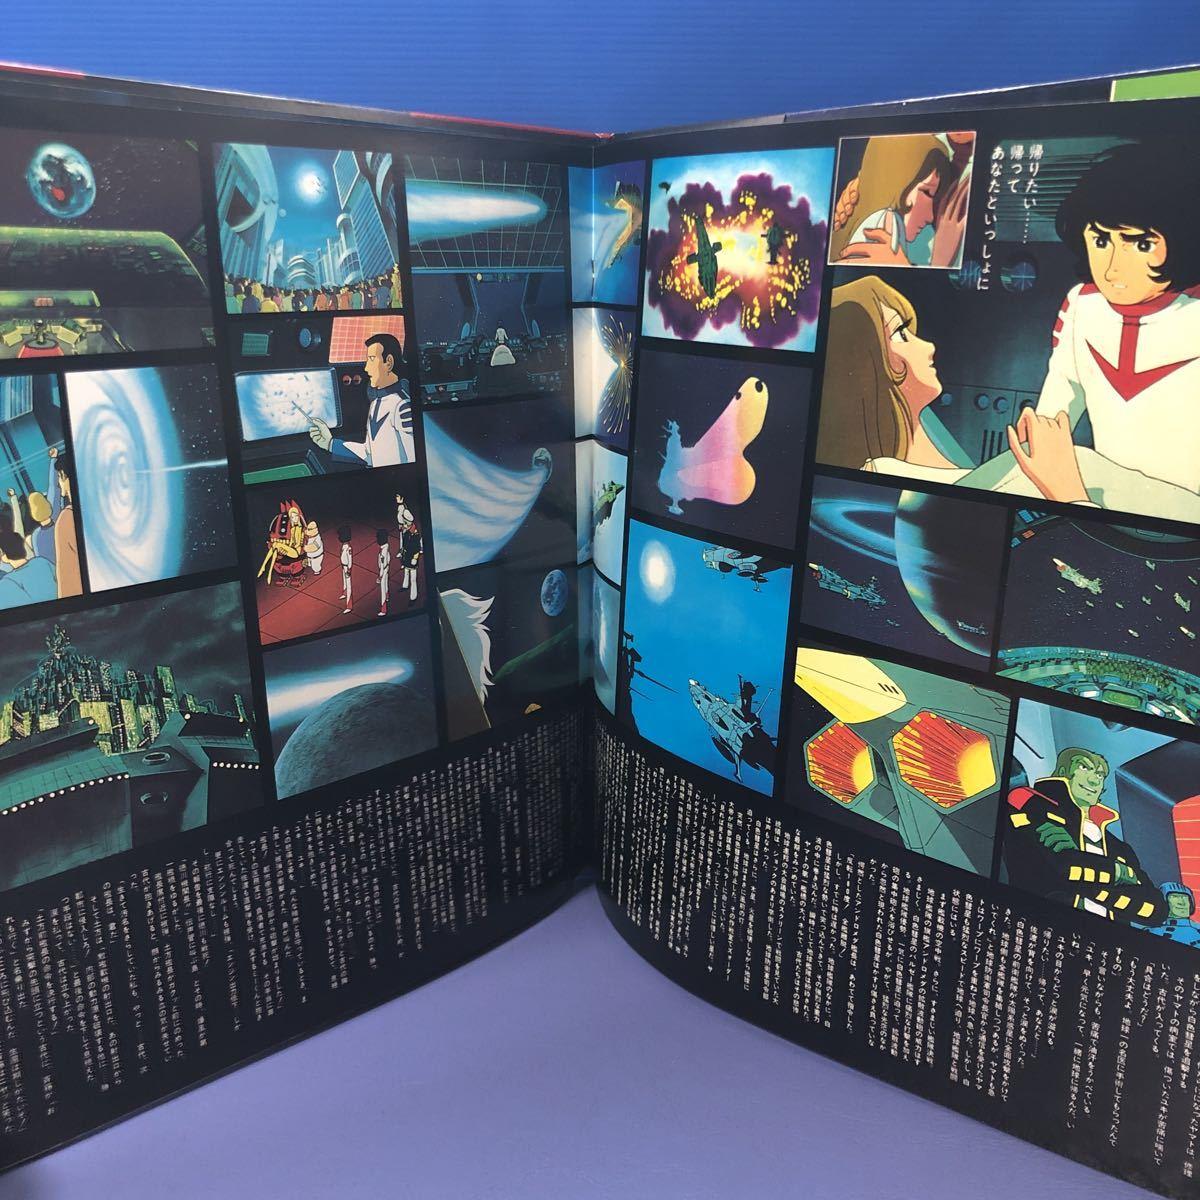 OST さらば宇宙戦艦ヤマト 愛の戦士たち ドラマ編 帯付2LP 見開きジャケライナー レコード 5点以上落札で送料無料S_画像4